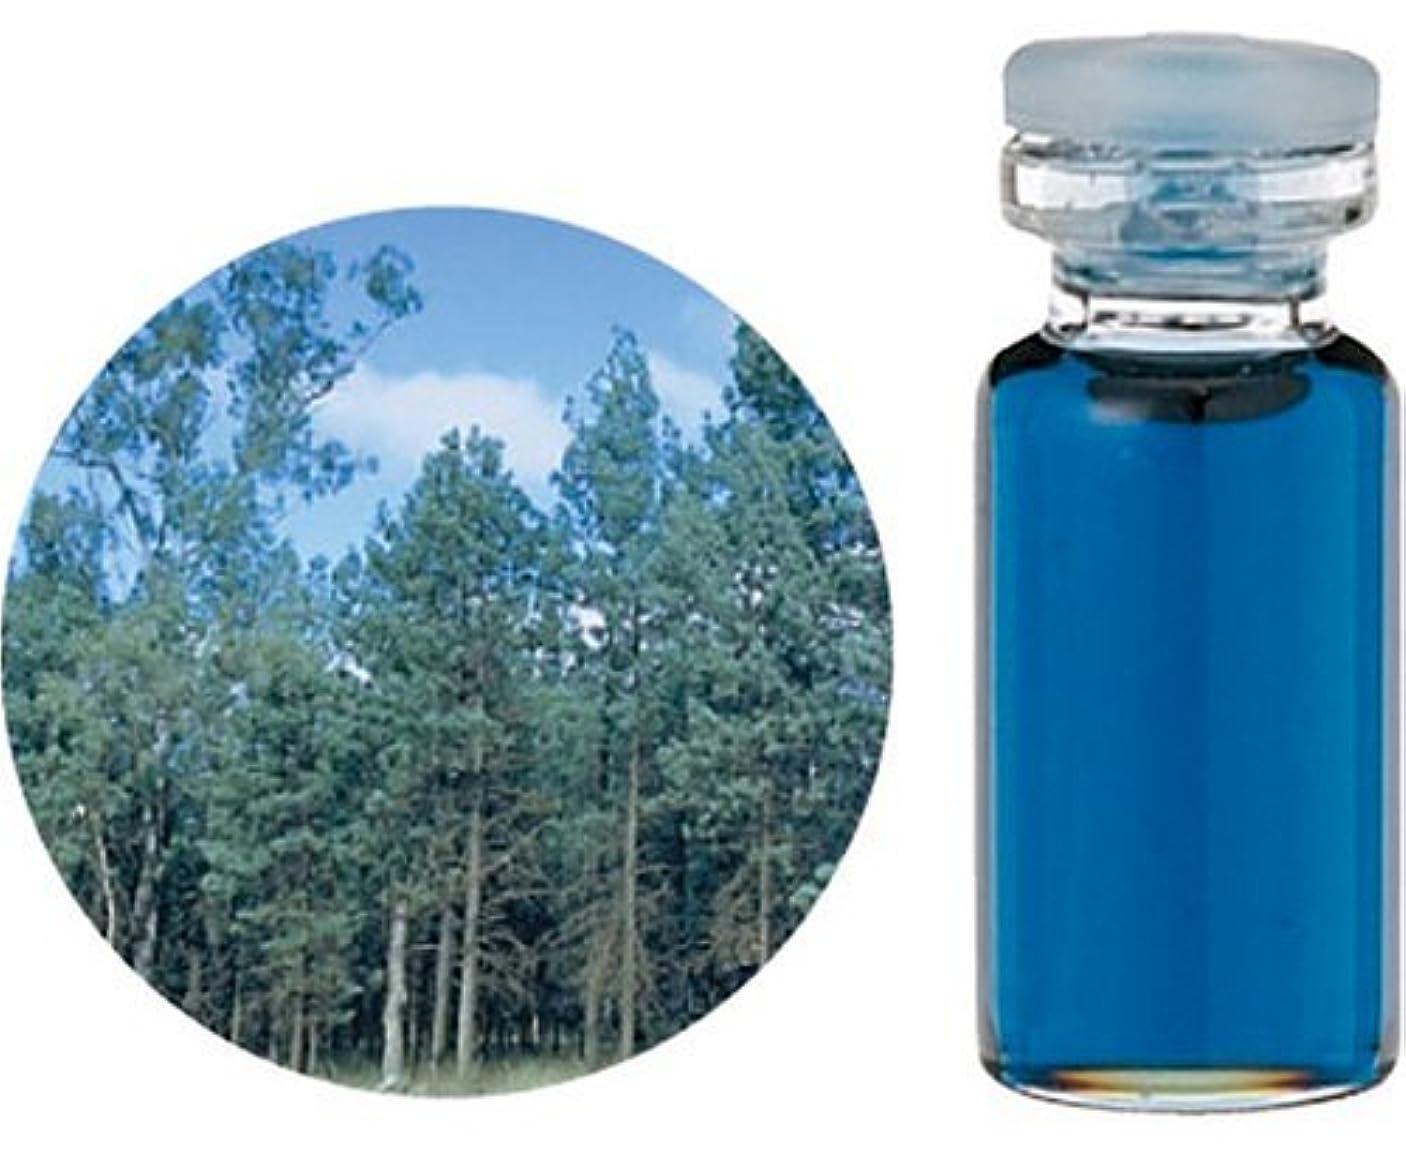 おしゃれじゃないハウジング状態生活の木 C ブルー サイプレス エッセンシャルオイル 3ml オイル